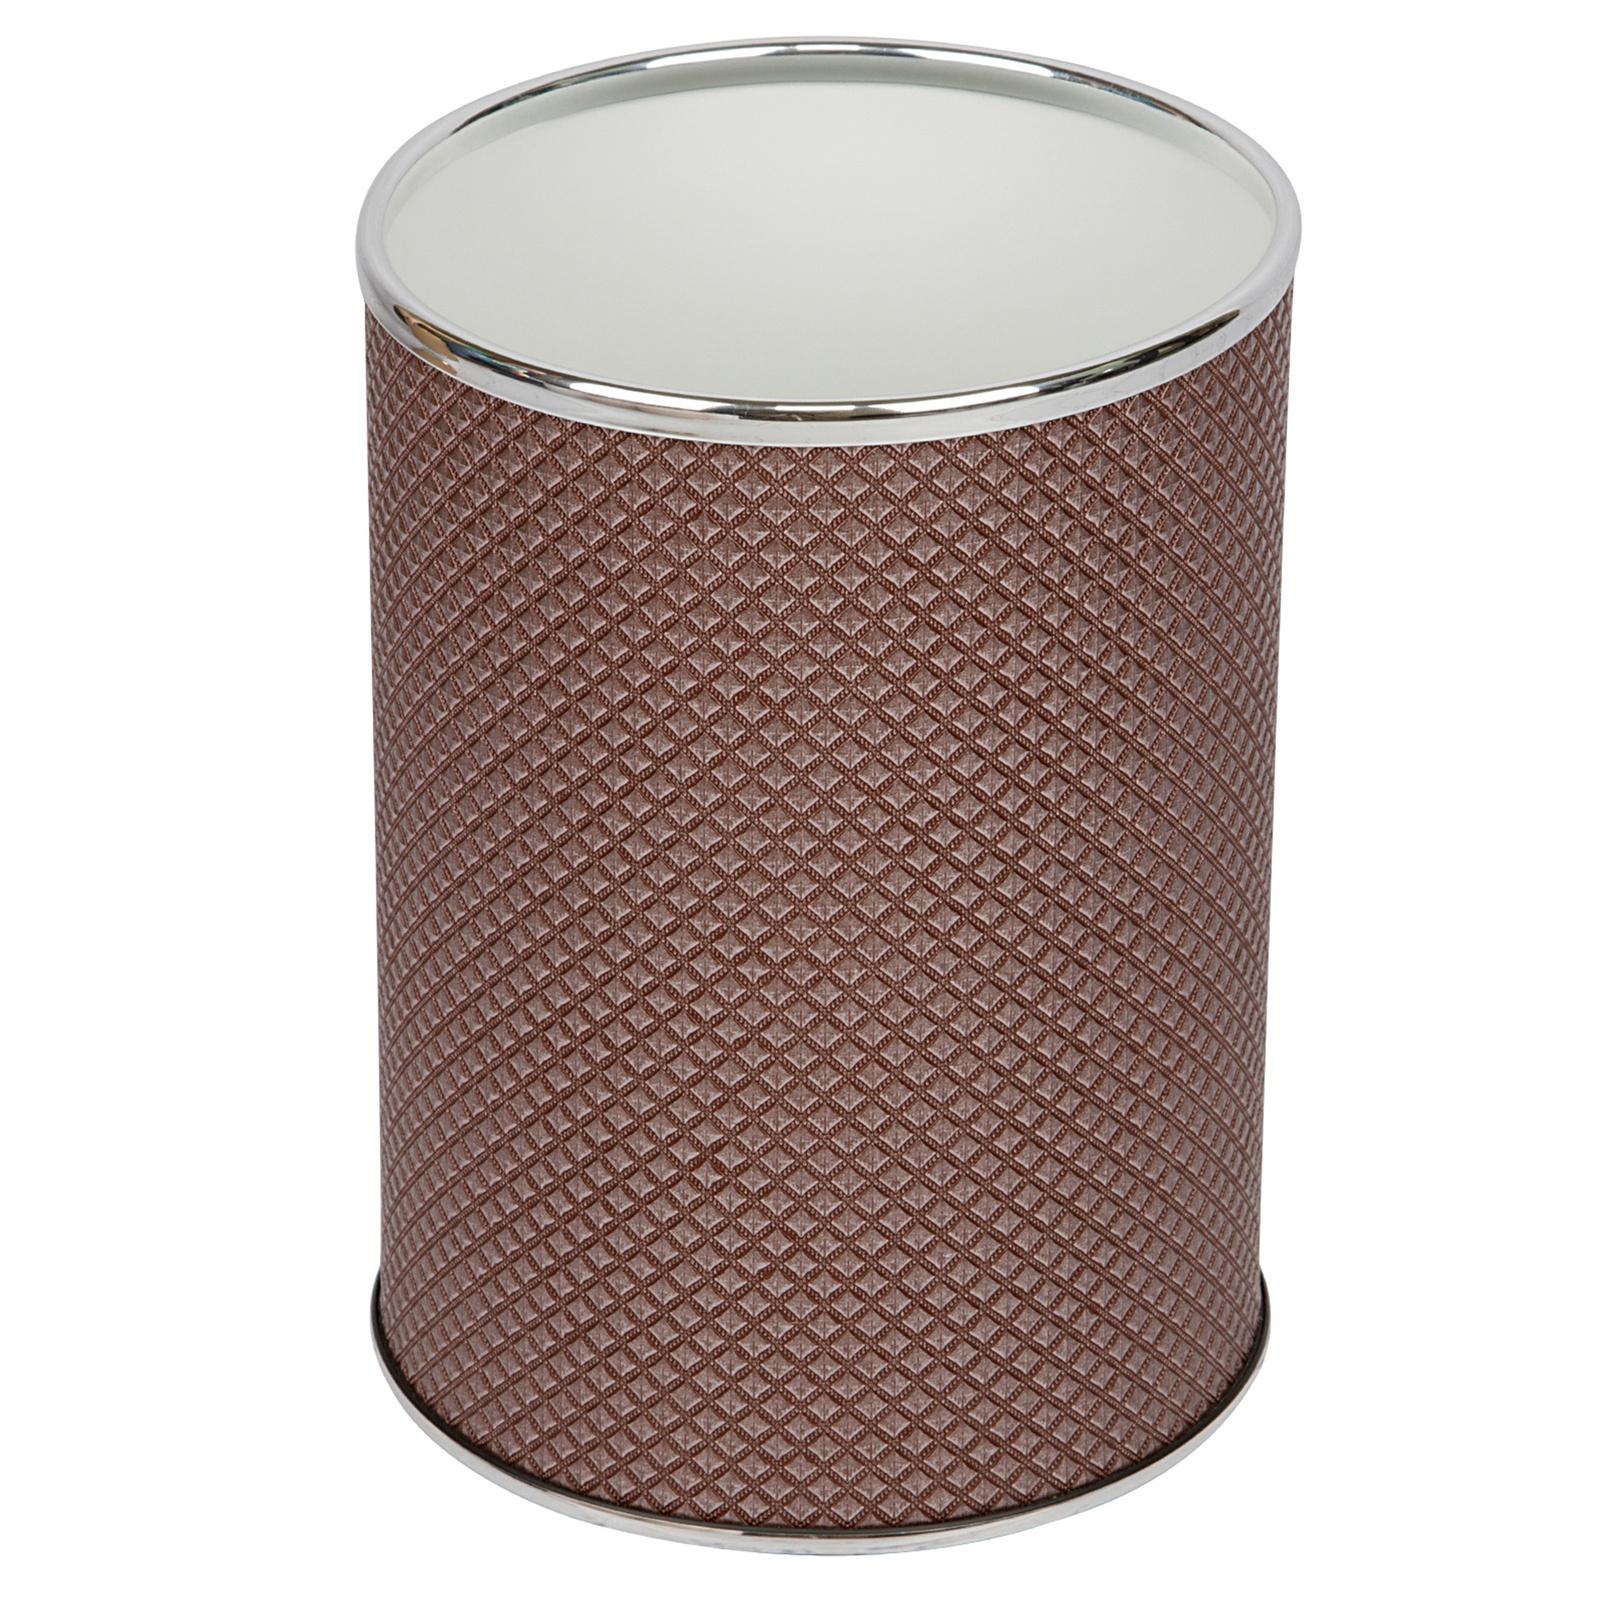 Мусорное ведро Geralis M-RBH-B, коричневый цена